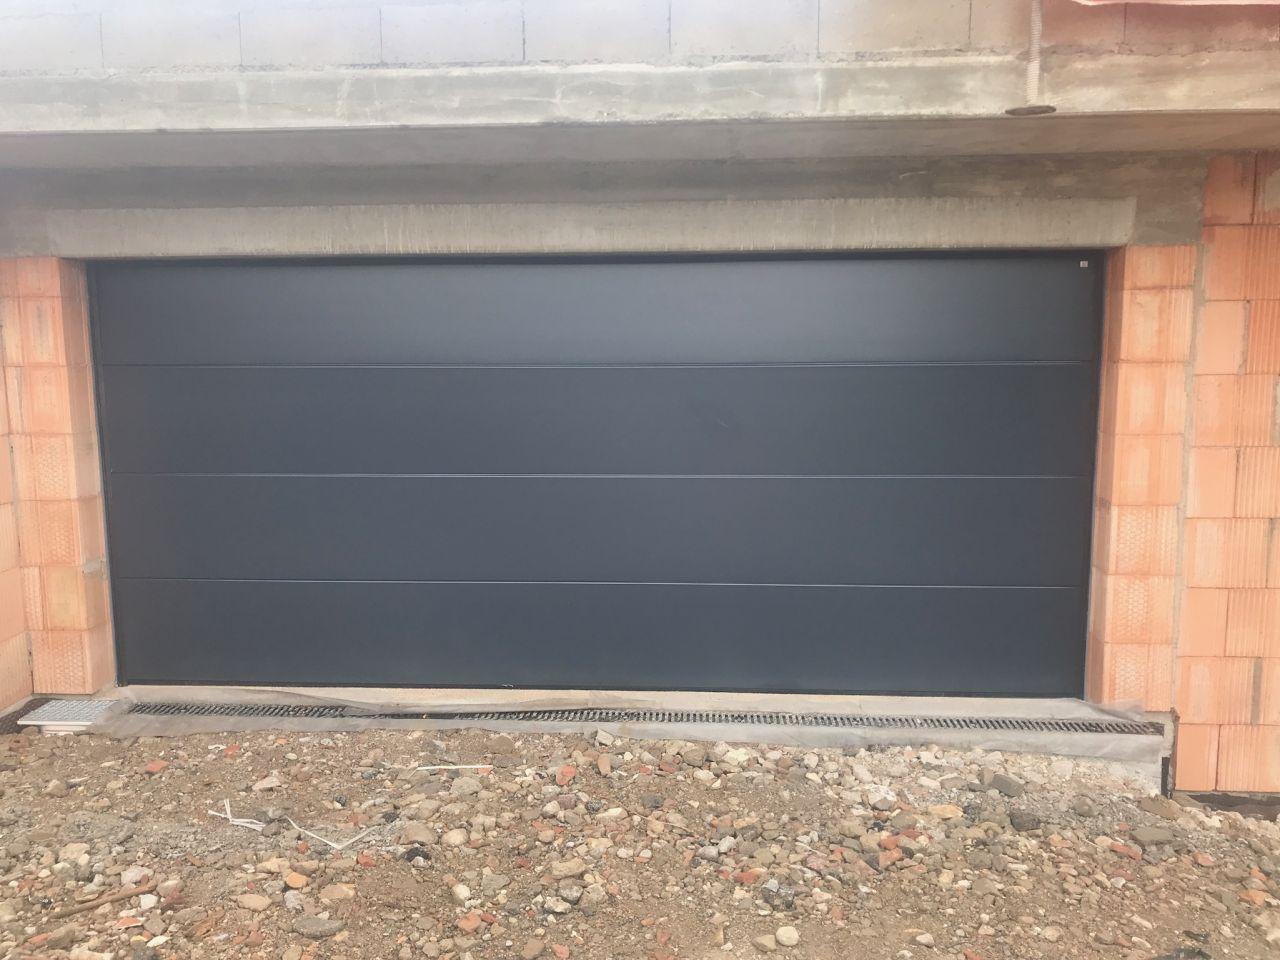 Pose de la porte de garage terminée